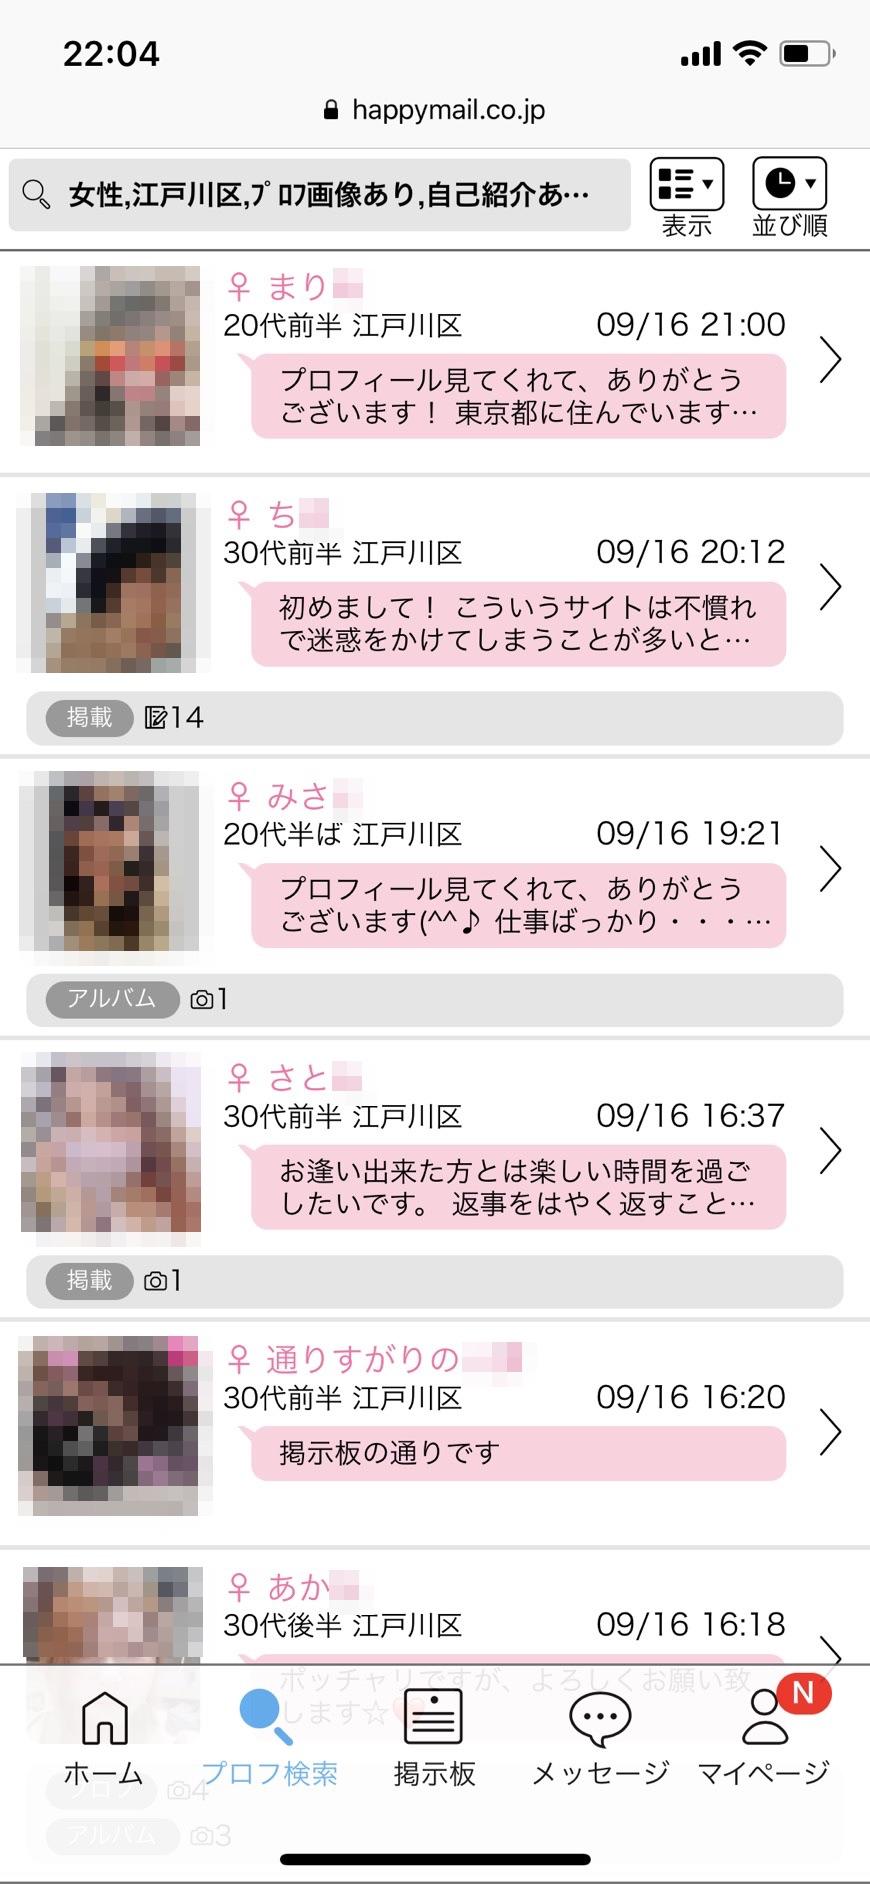 葛西・セフレ希望(ハッピーメール)